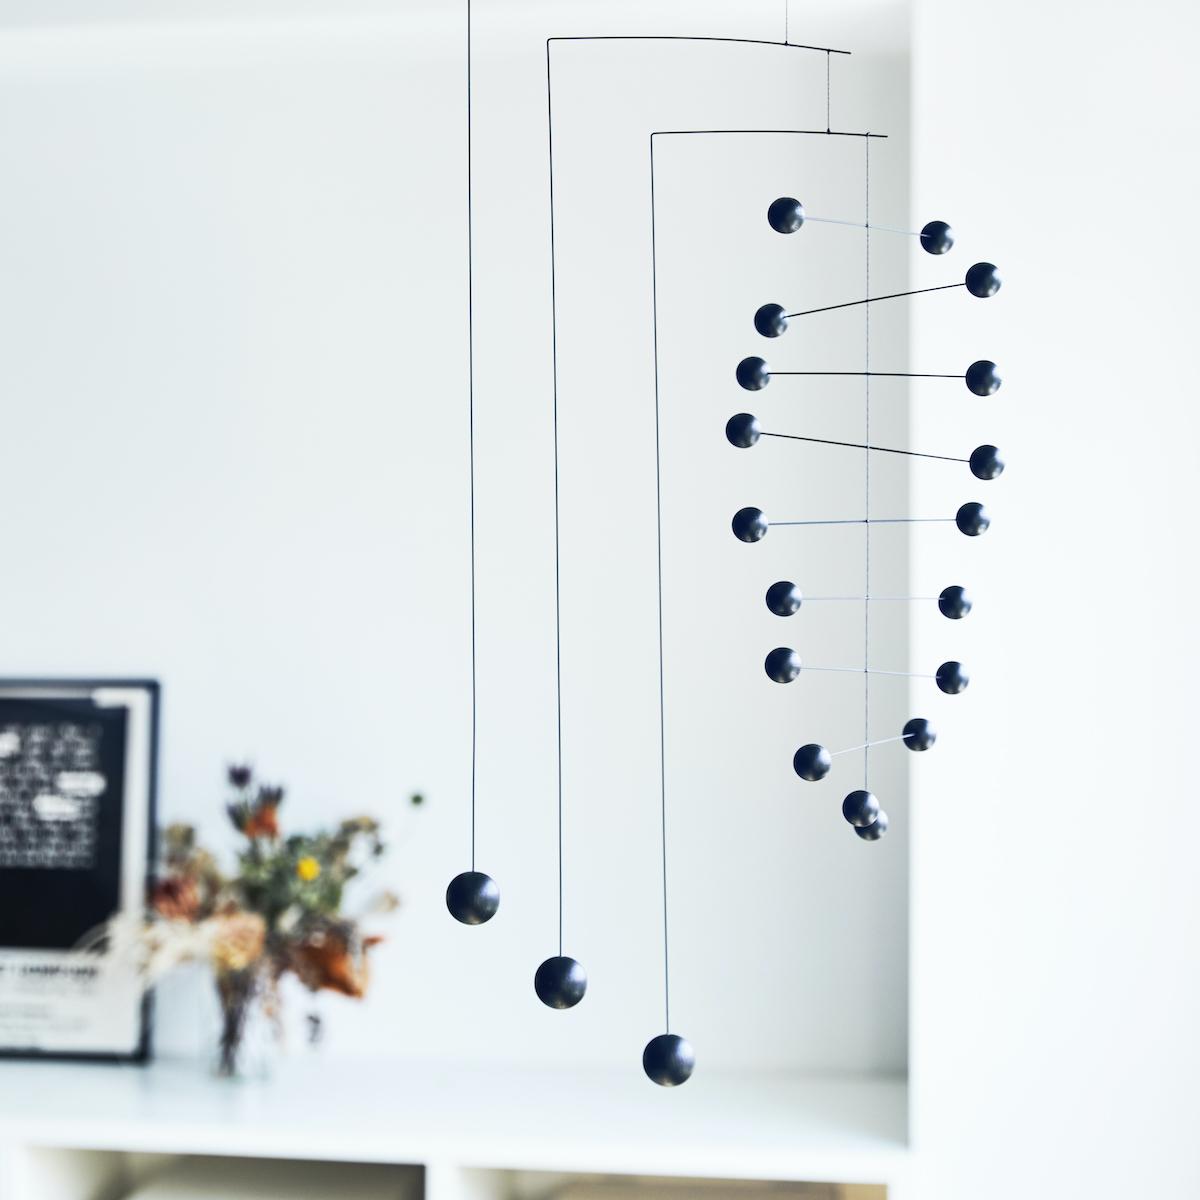 緻密な計算のもとで設計されている。吊り下げるだけで、お部屋がモダン空間に変わる「大人のモビール」|FLENSTED MOBILES(フレンステッドモビール)